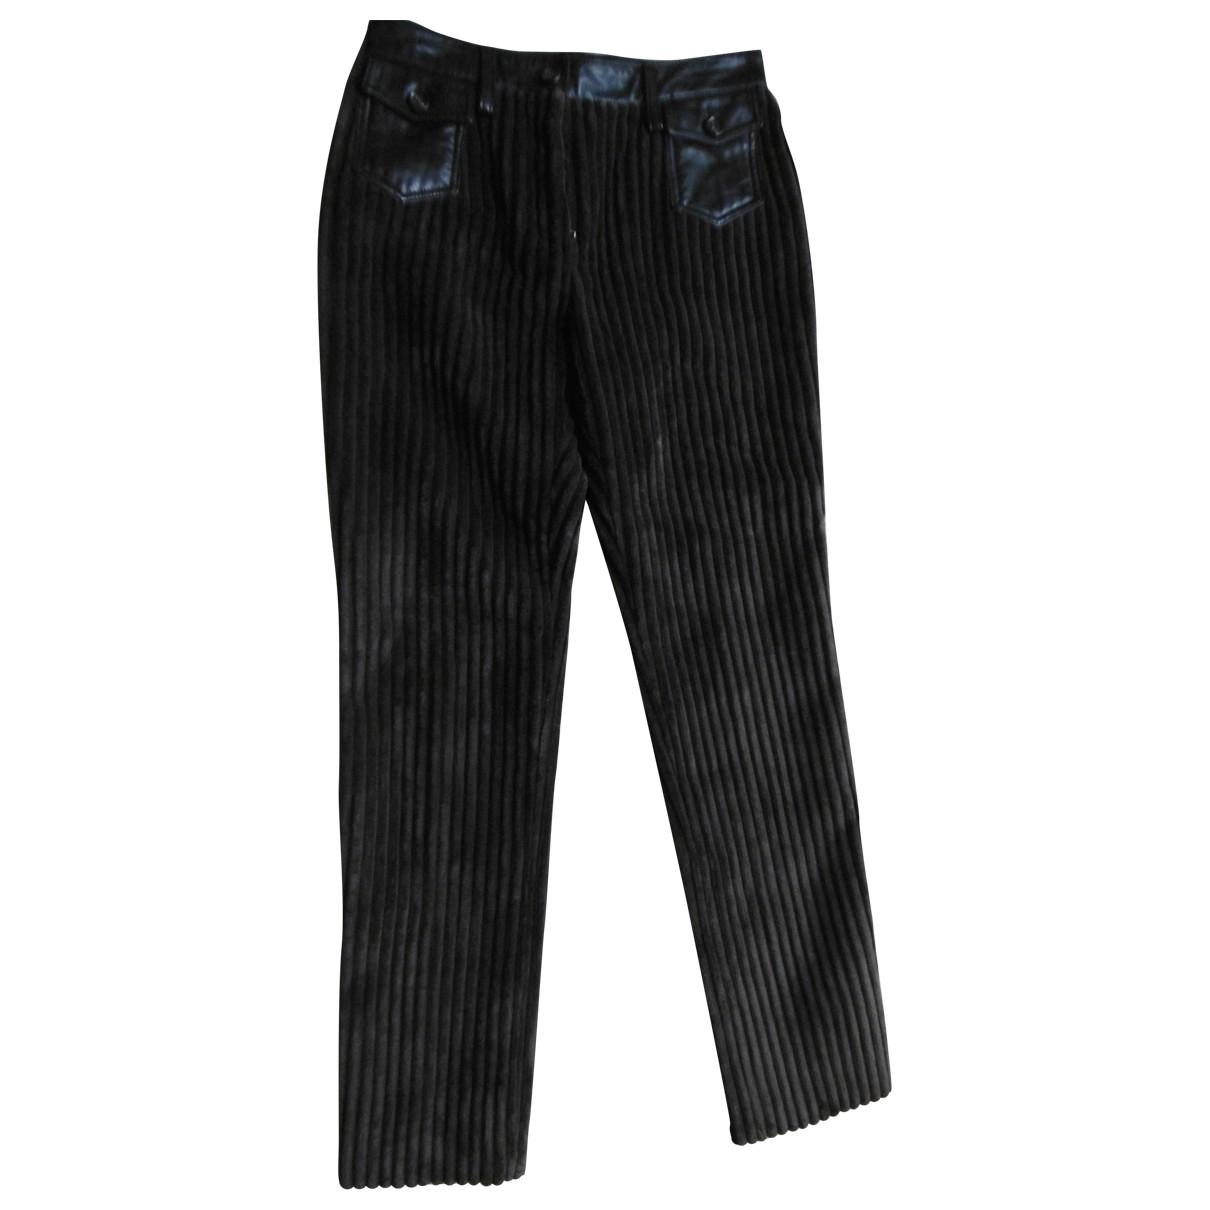 Pantalon recto de Terciopelo Dolce & Gabbana